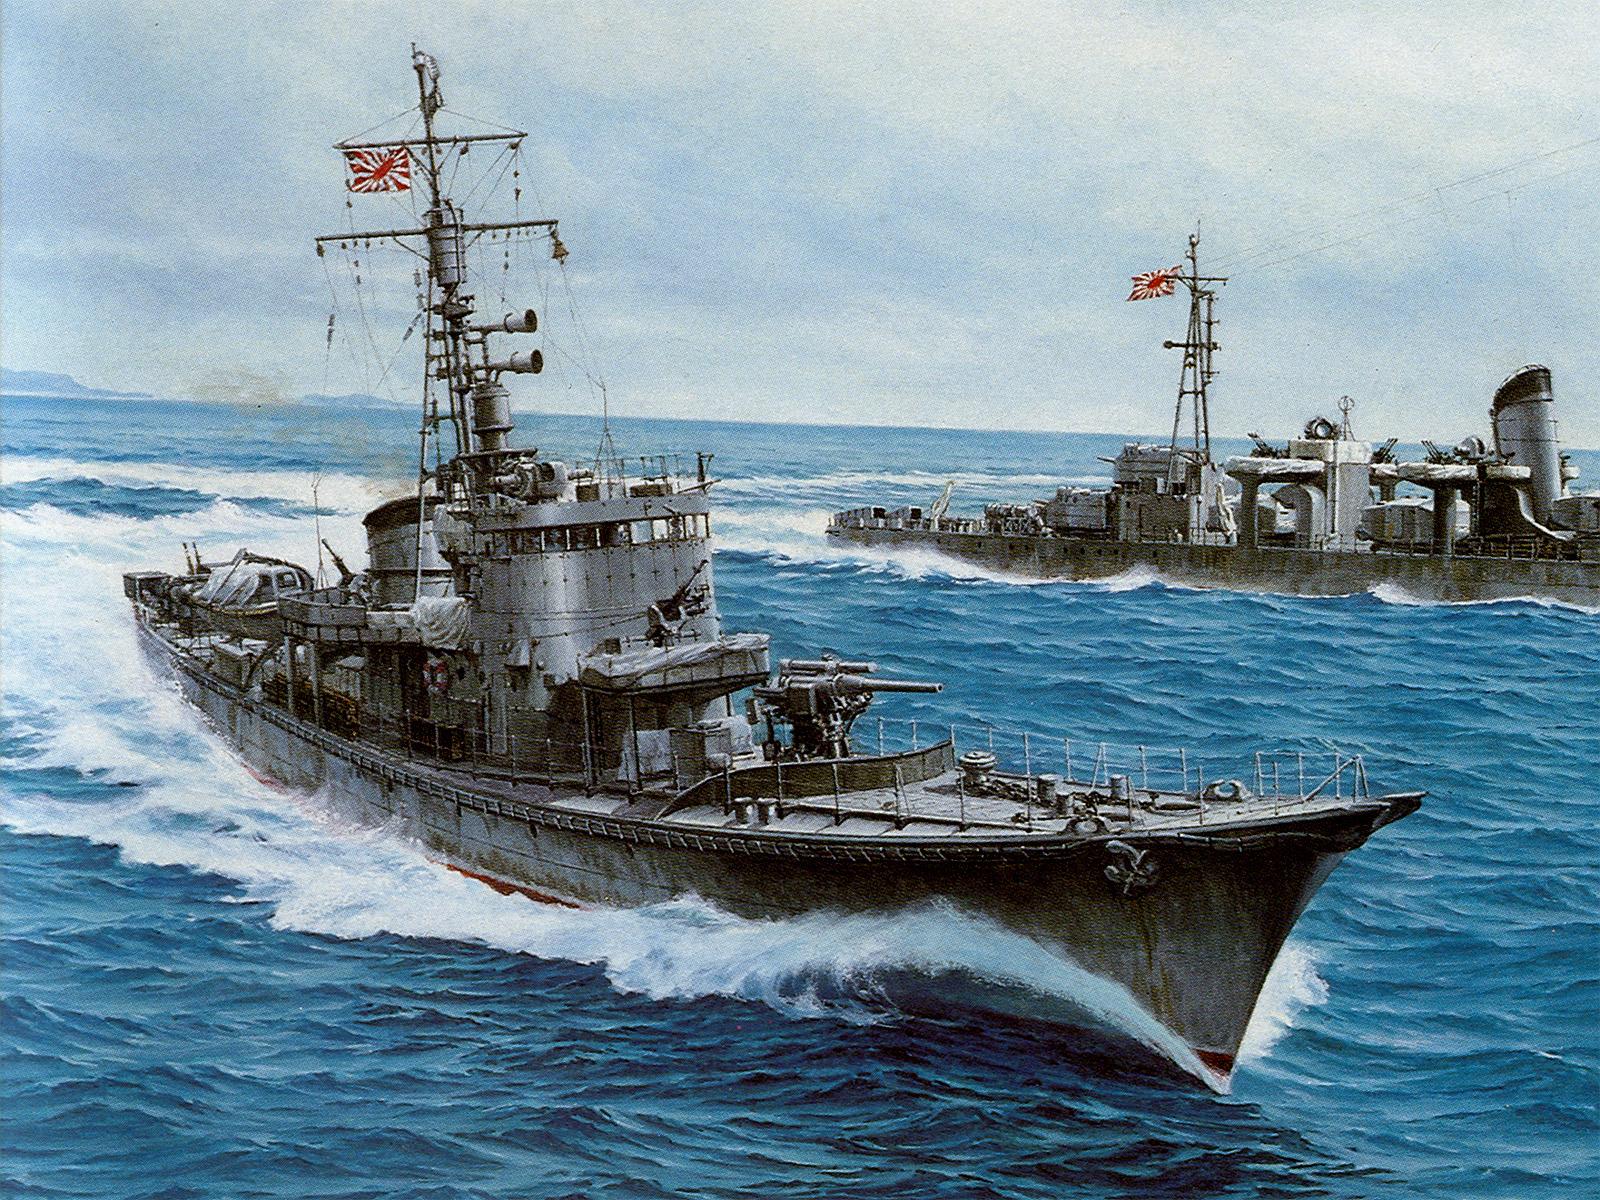 Боевой корабль, эсминец, море, обои на рабочий стол